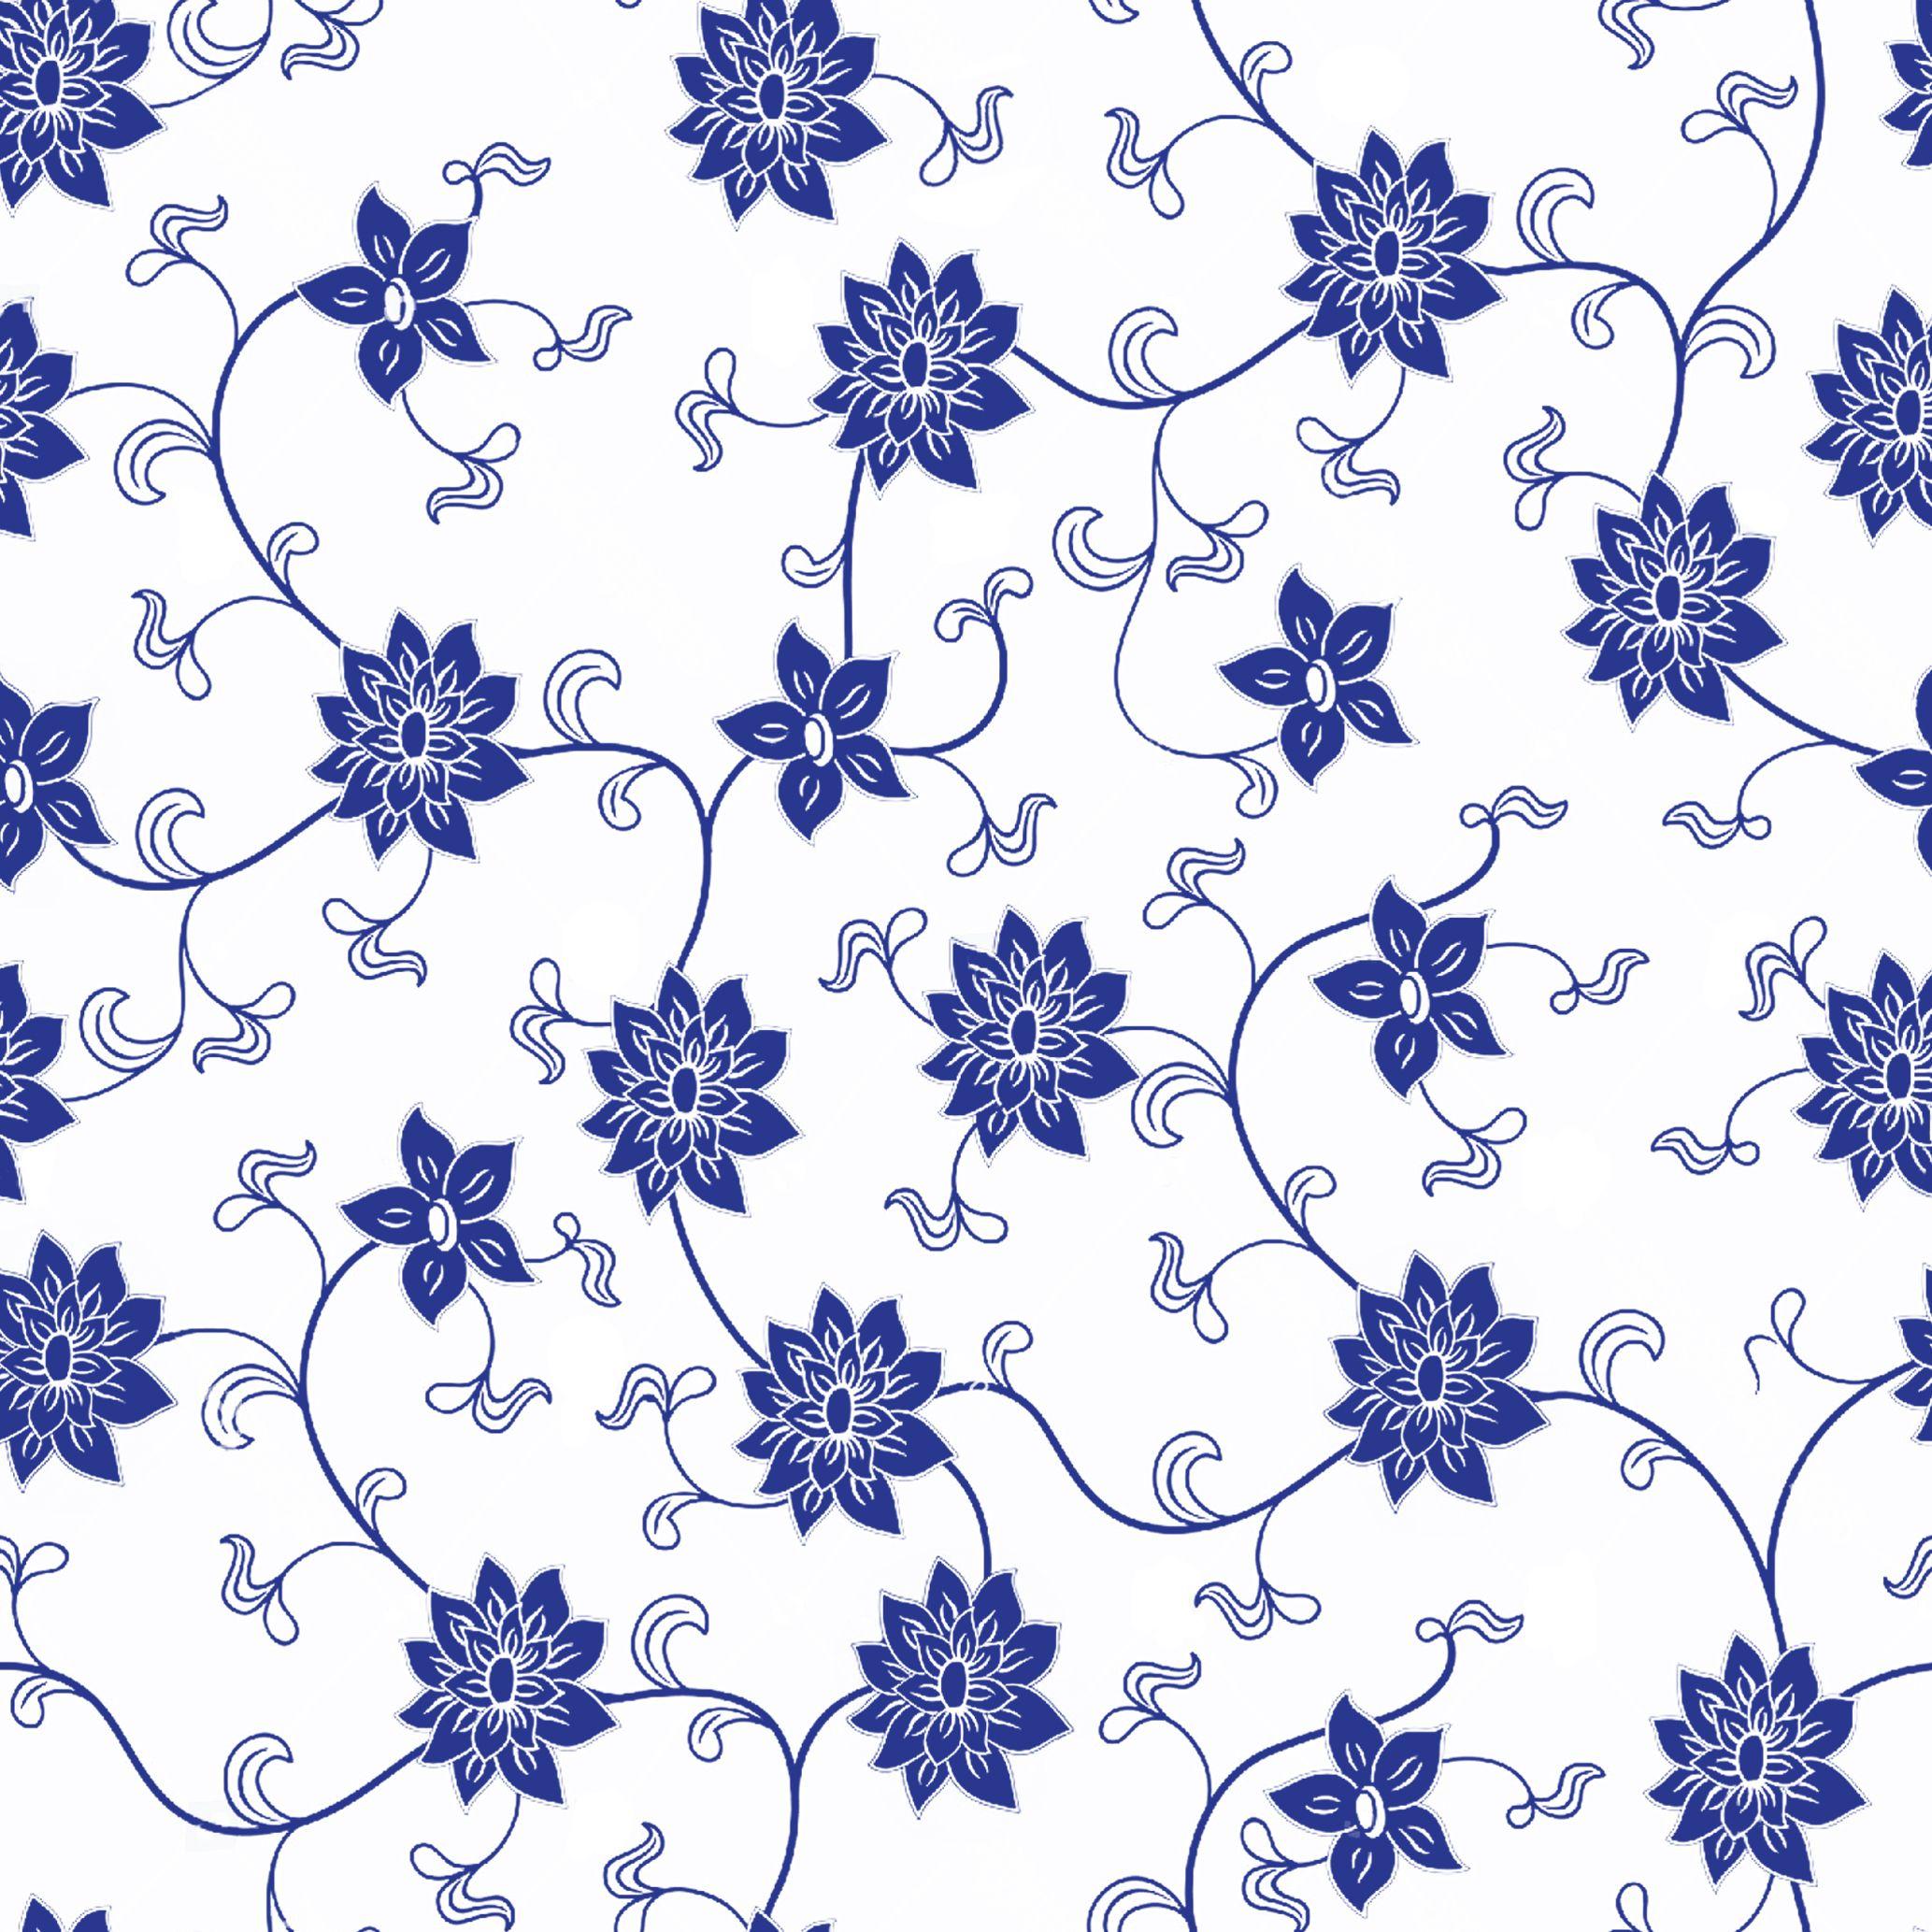 福建批量生产夏季清凉型水刺印花图案